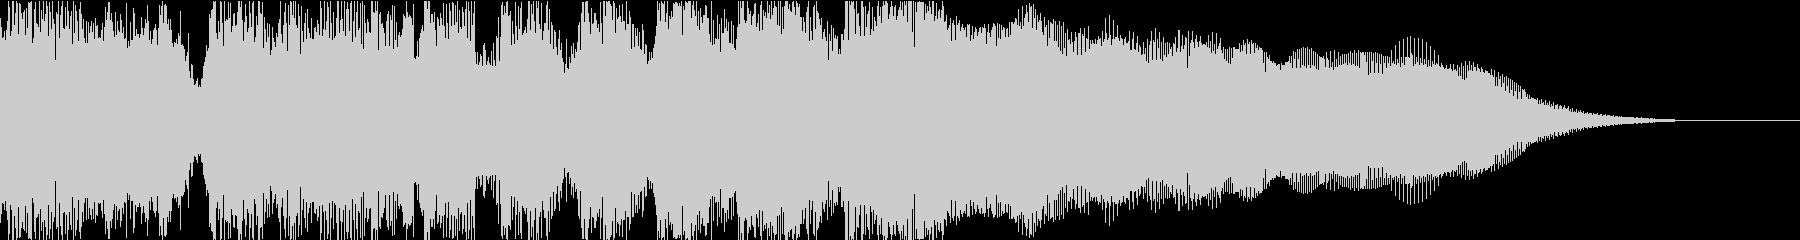 オールドロック、ブルージーなジングルの未再生の波形